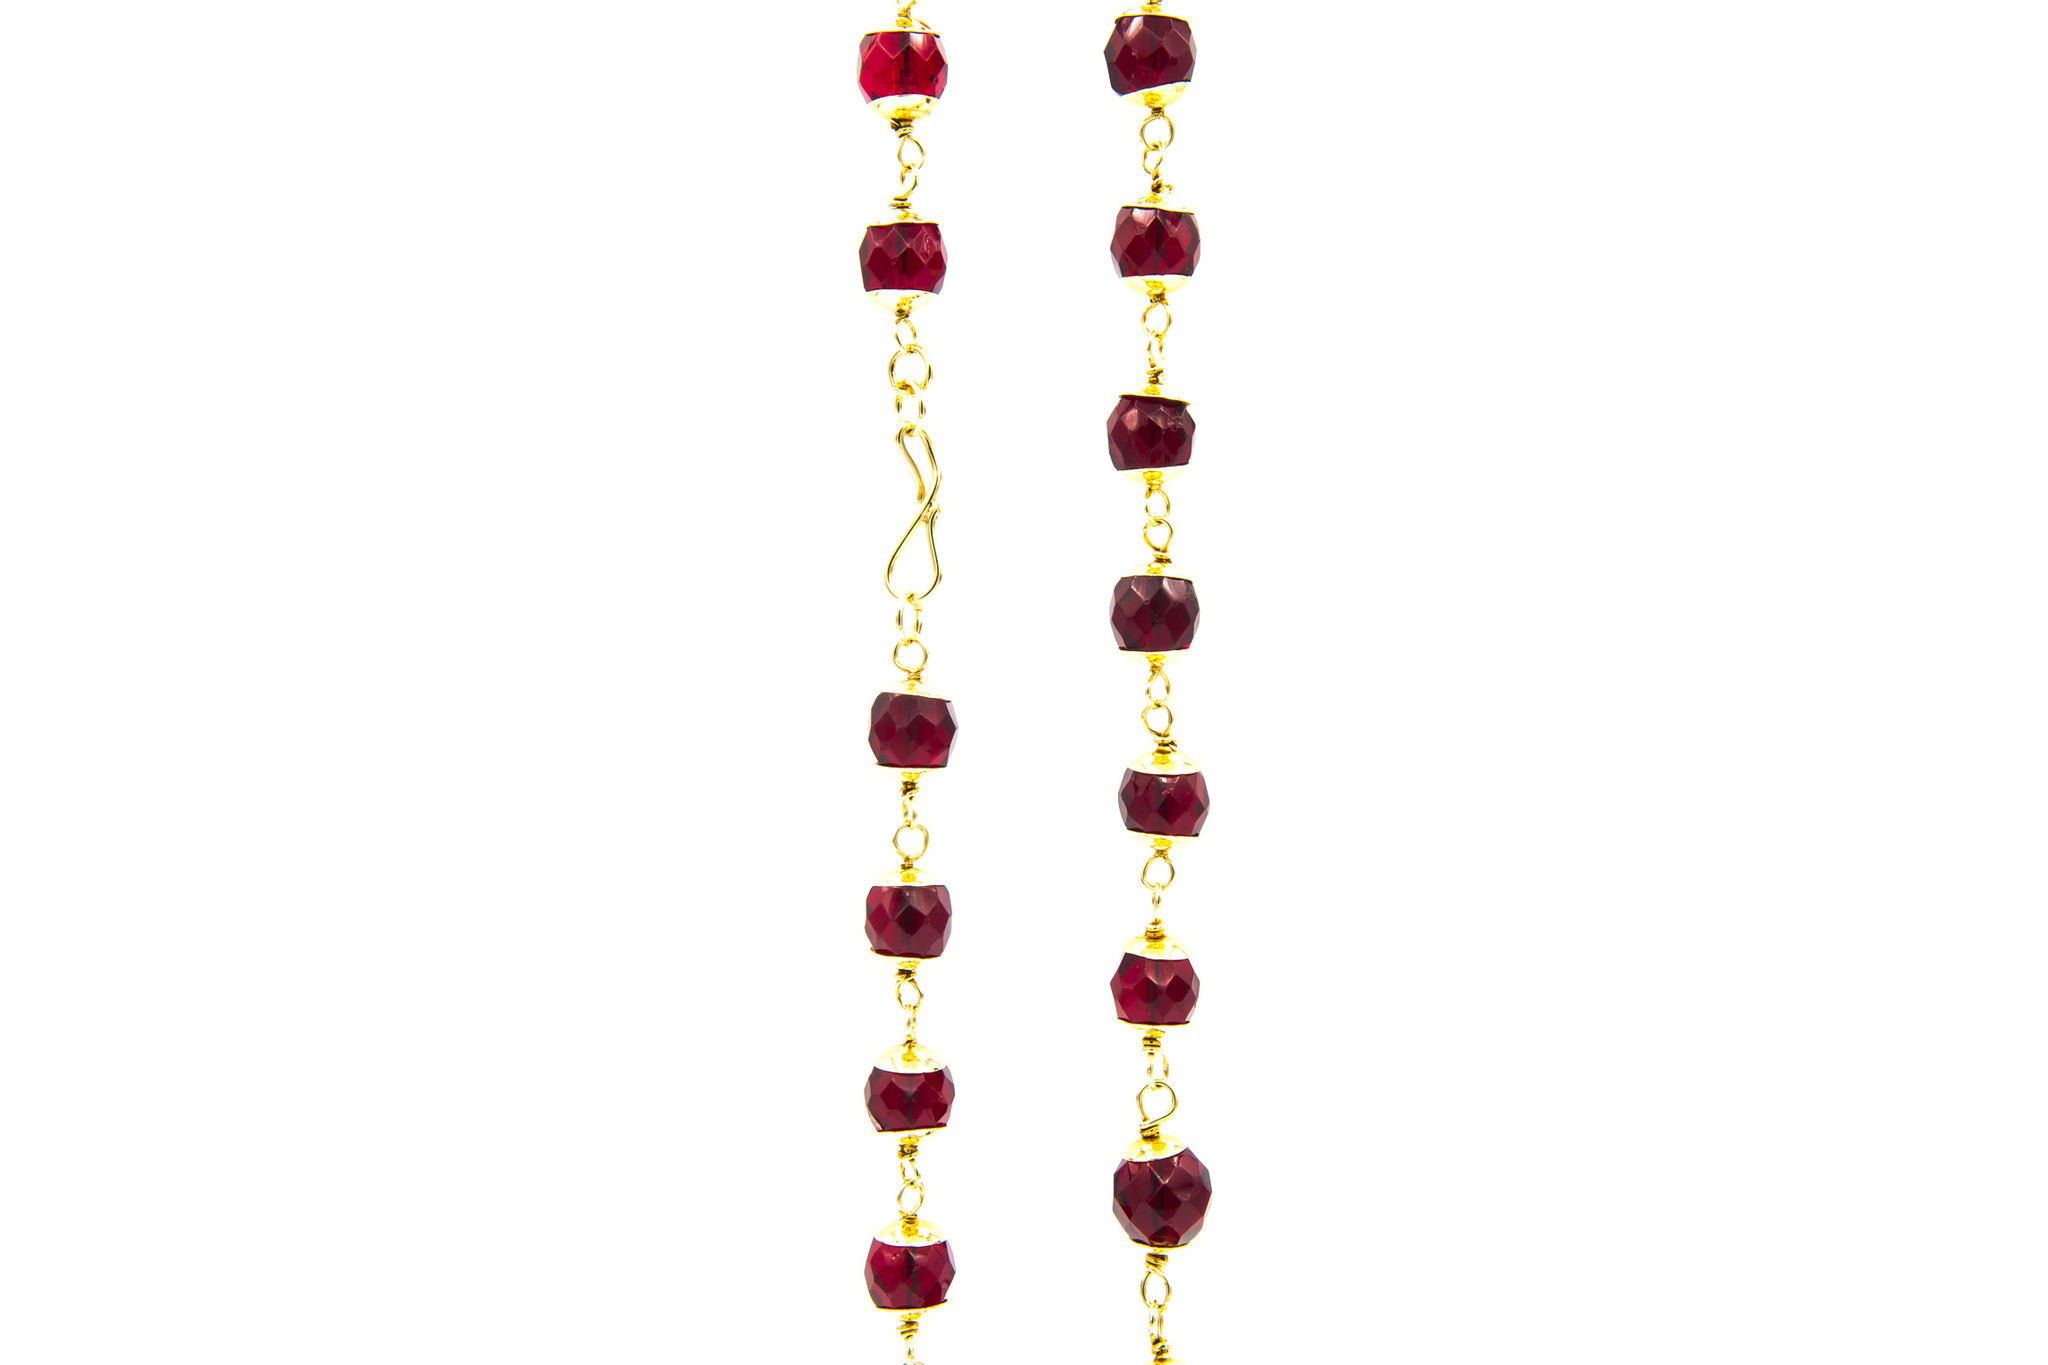 Ketting met rode, doorzichtige kralen-2